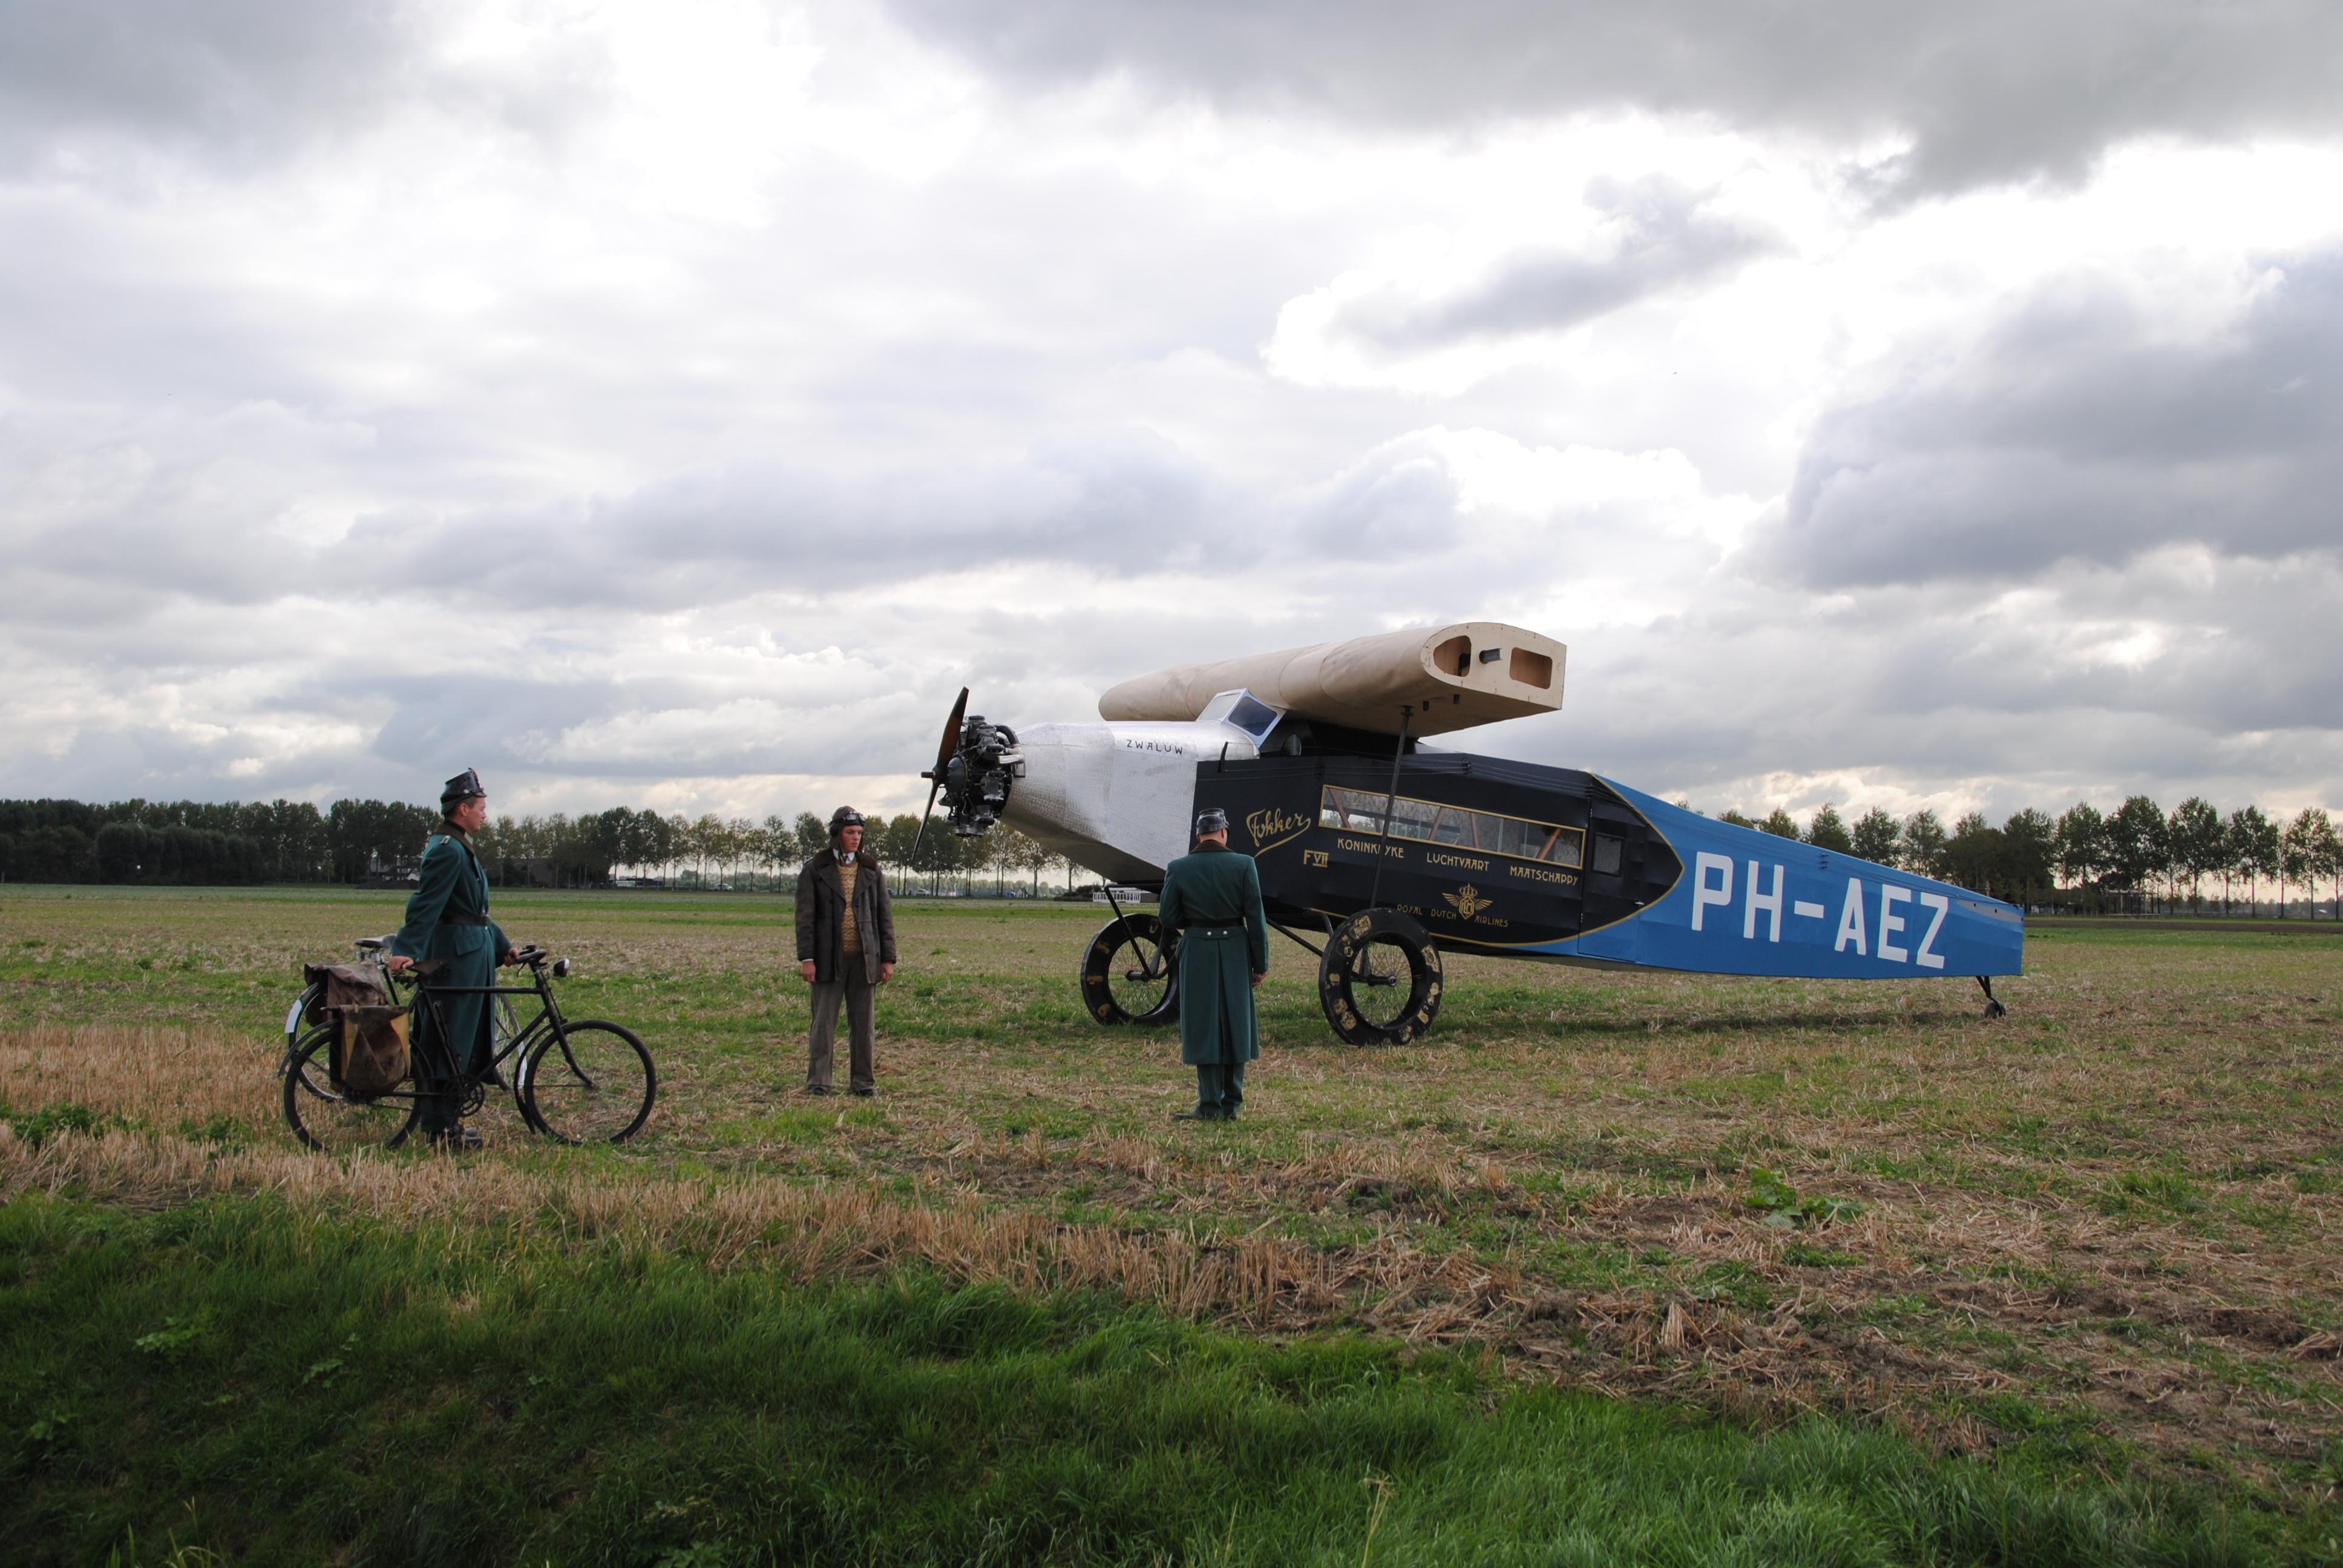 Nederlands Transport Museum in Nieuw-Vennep walhalla voor Fokkerianen